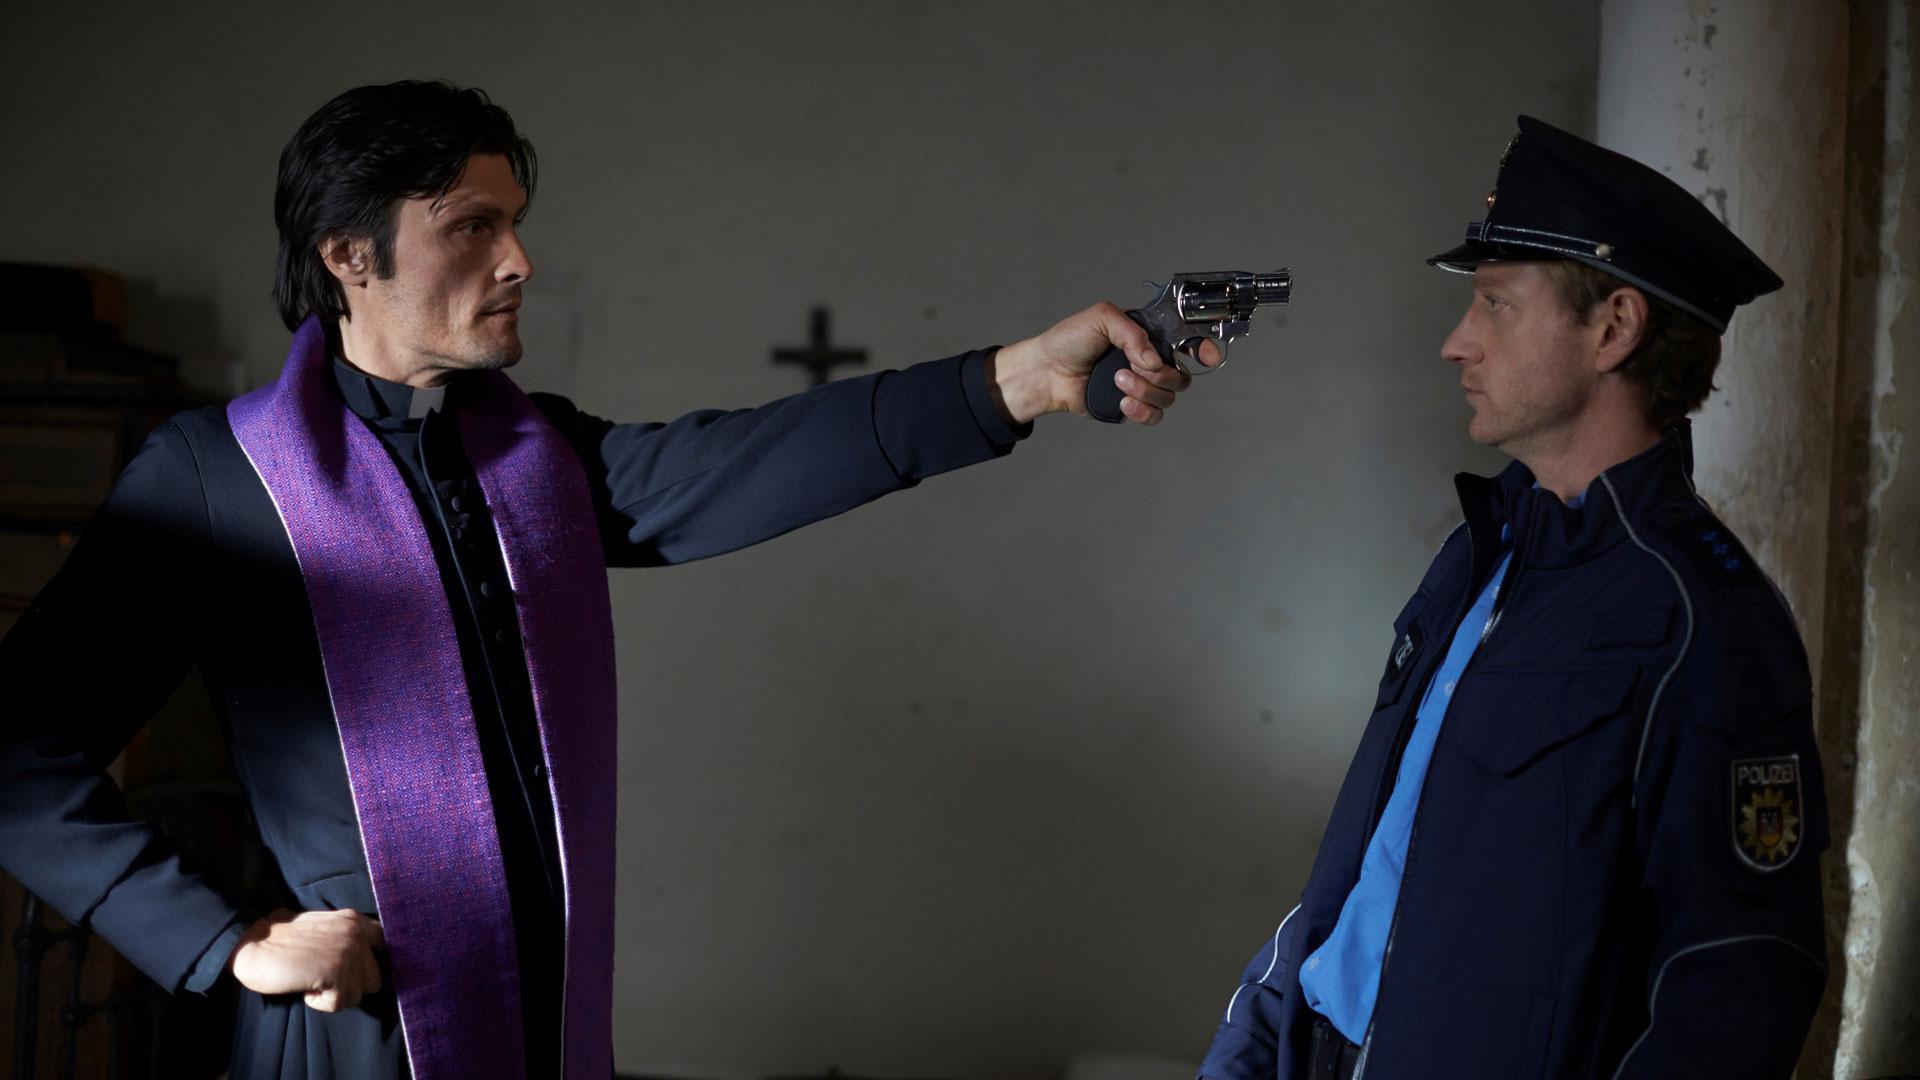 Ein Priester bedroht einen Polizisten mit einer Waffe